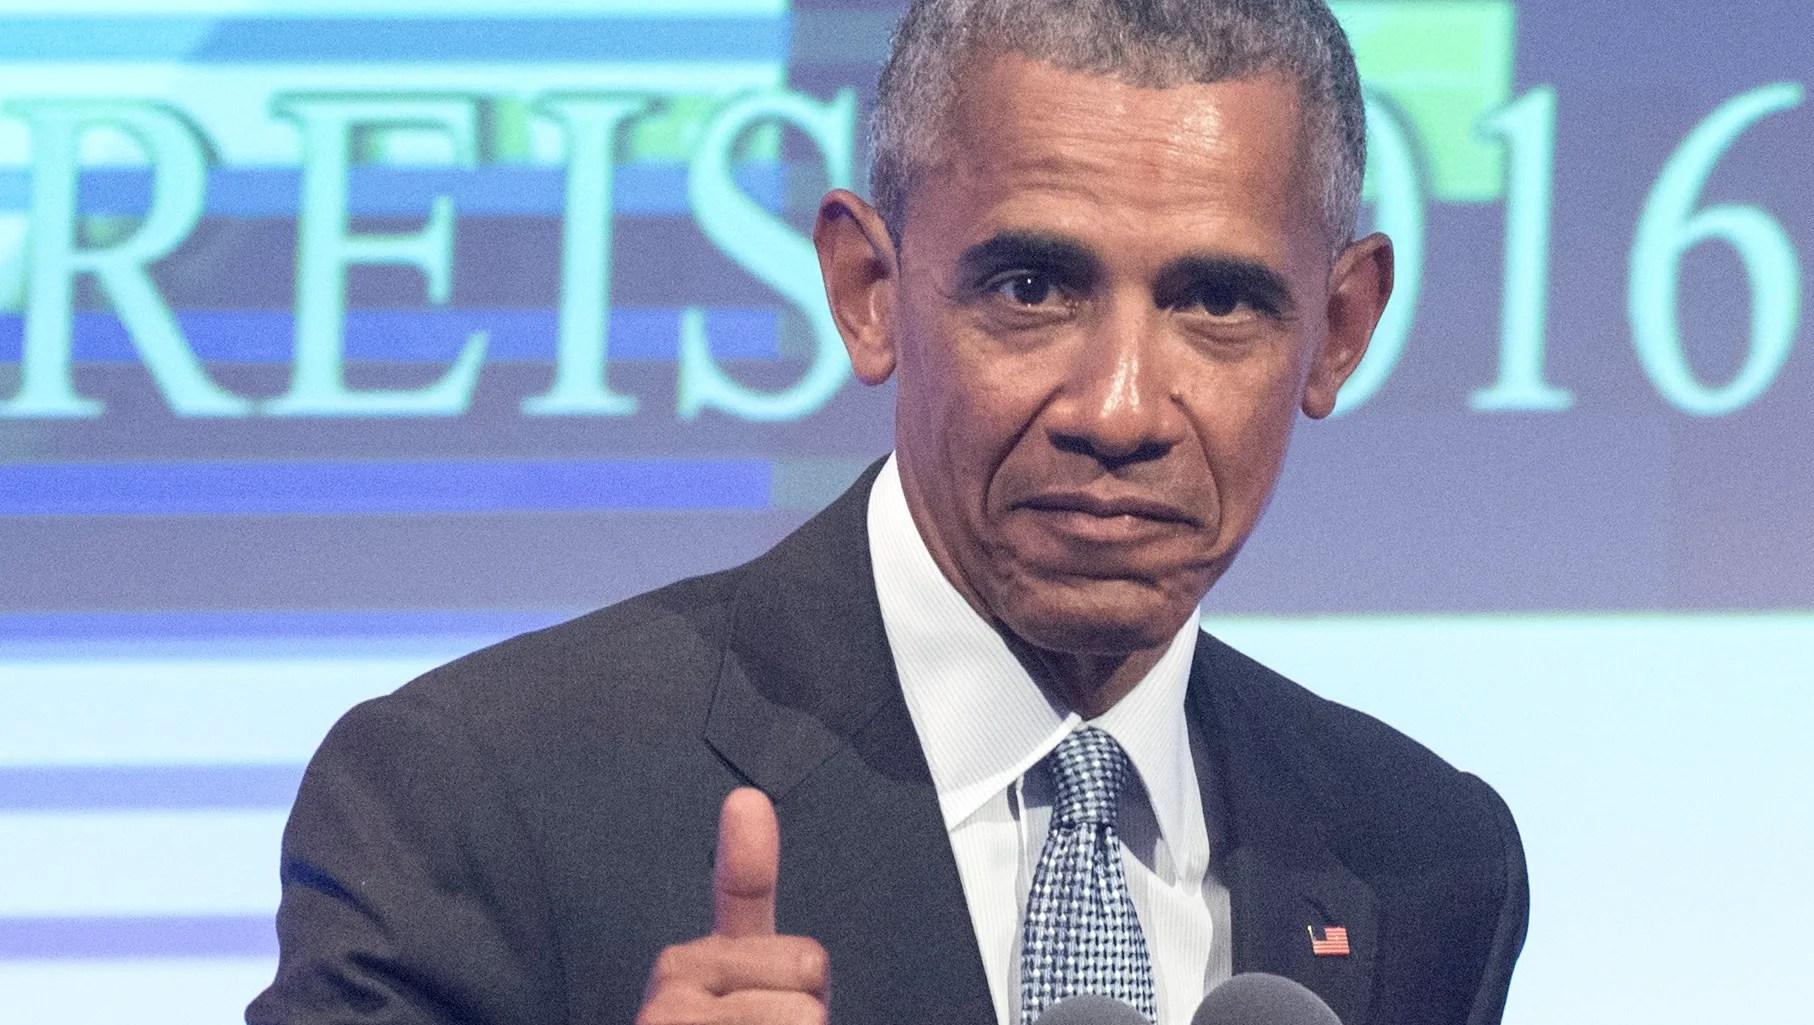 Stars Wish Happy Birthday To Barack Obama The Flyest To